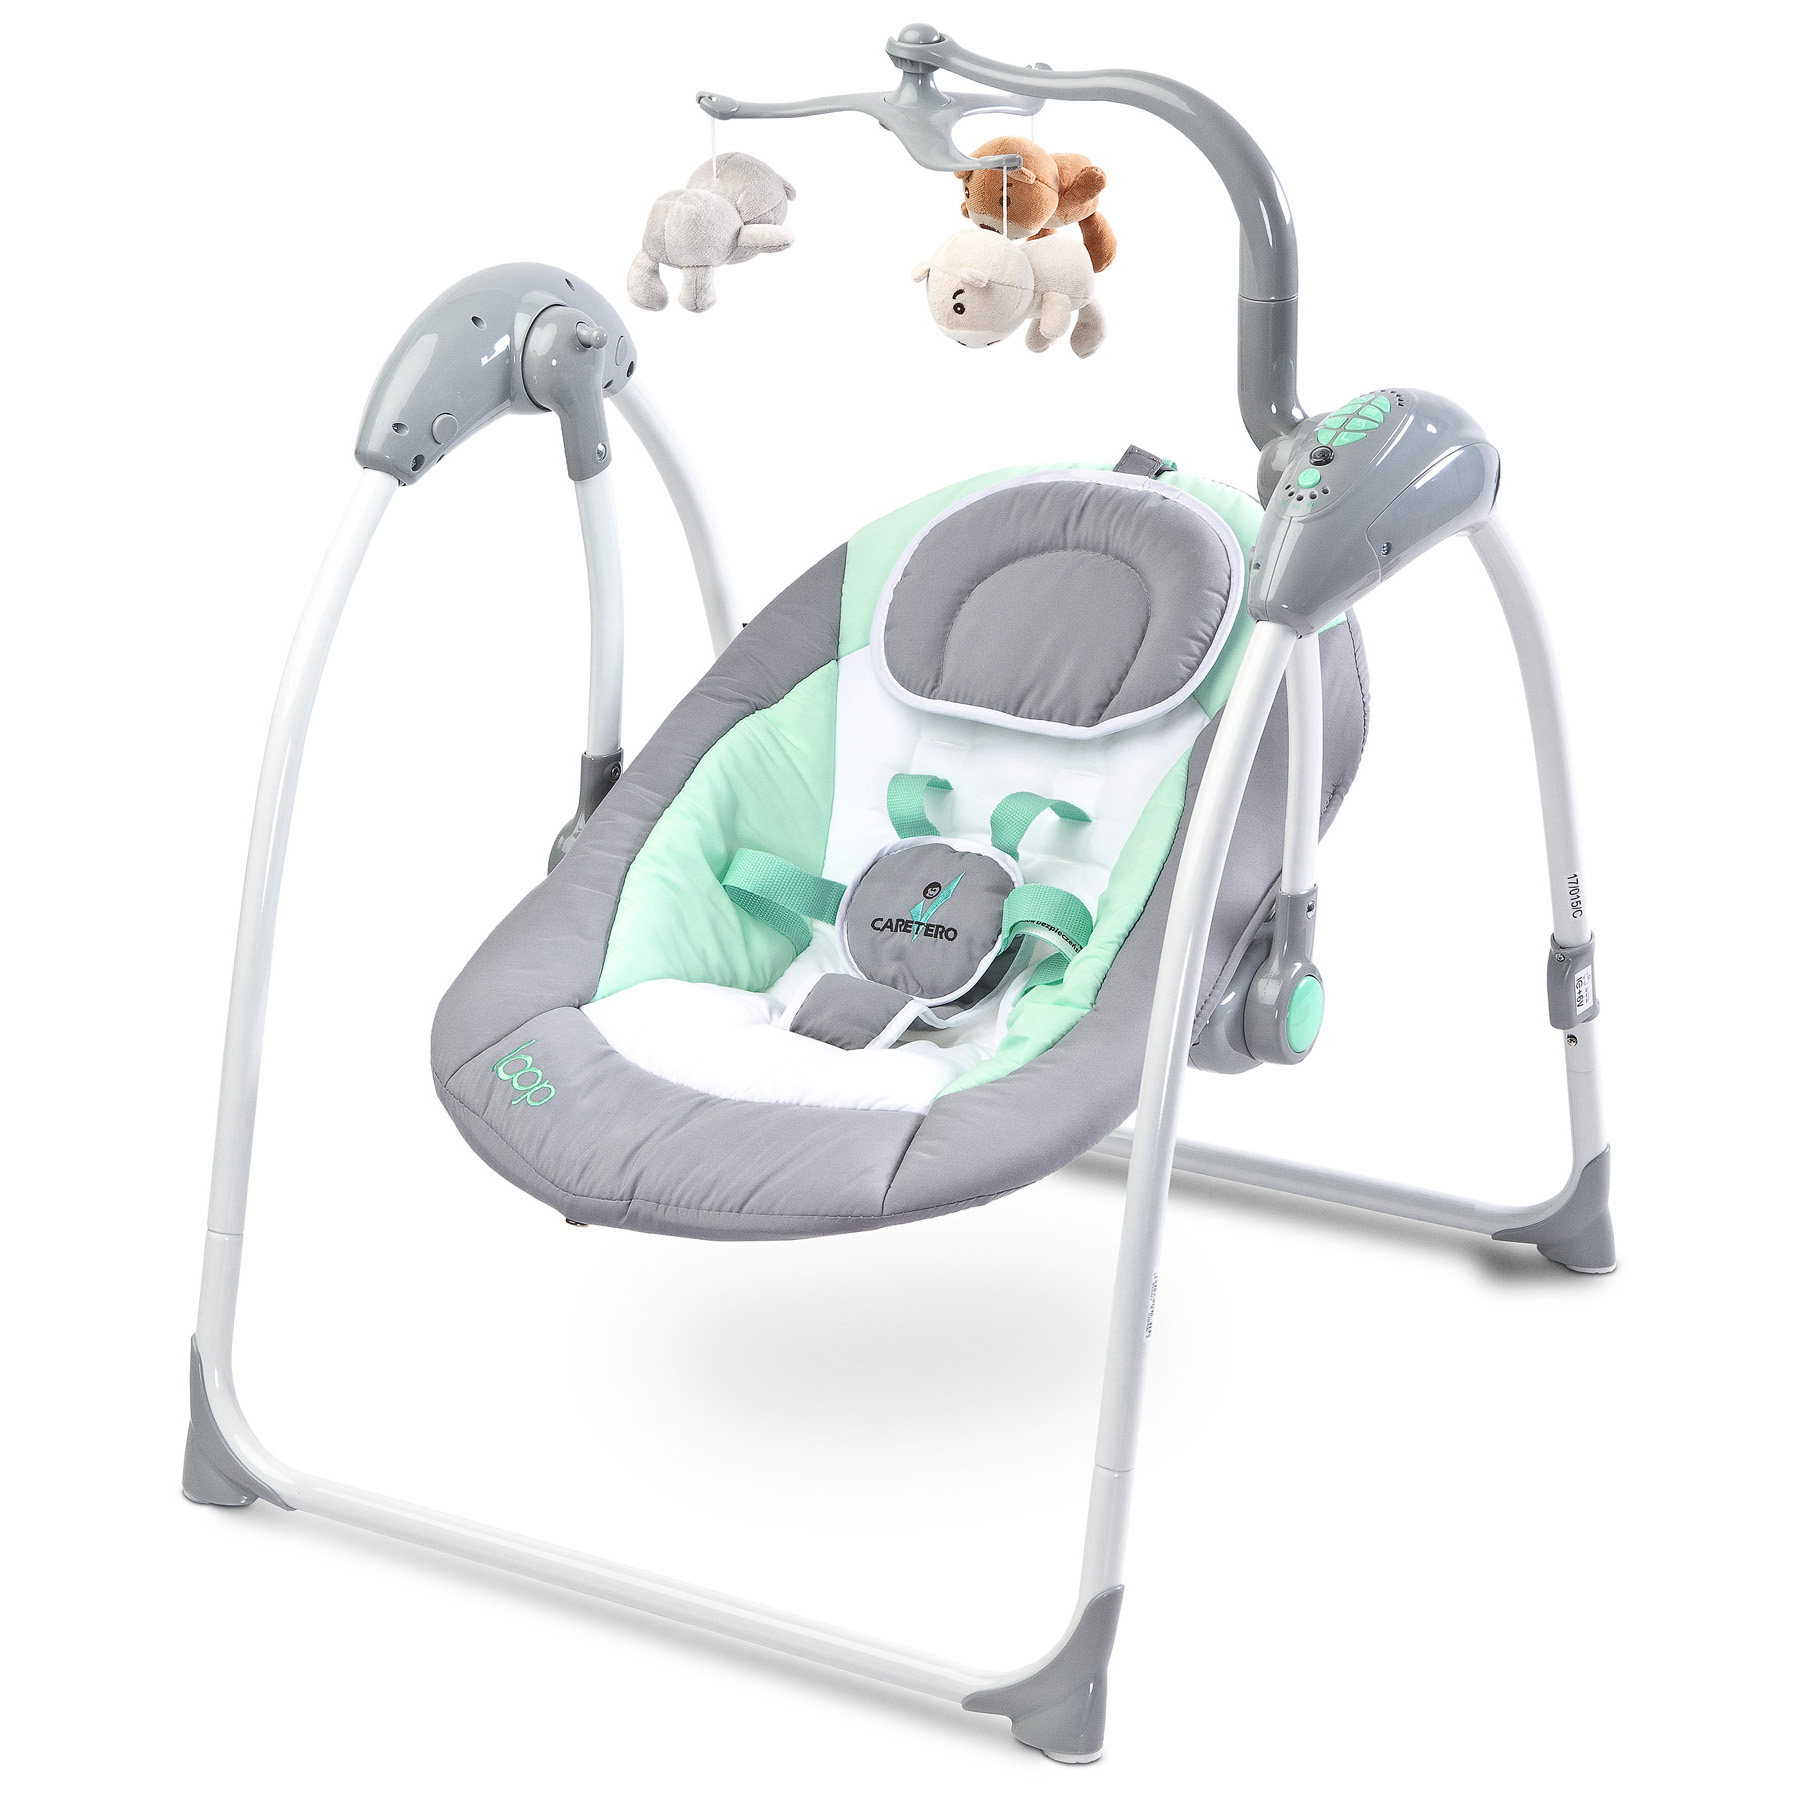 Babyschaukel Elektrisch günstig kaufen | eBay